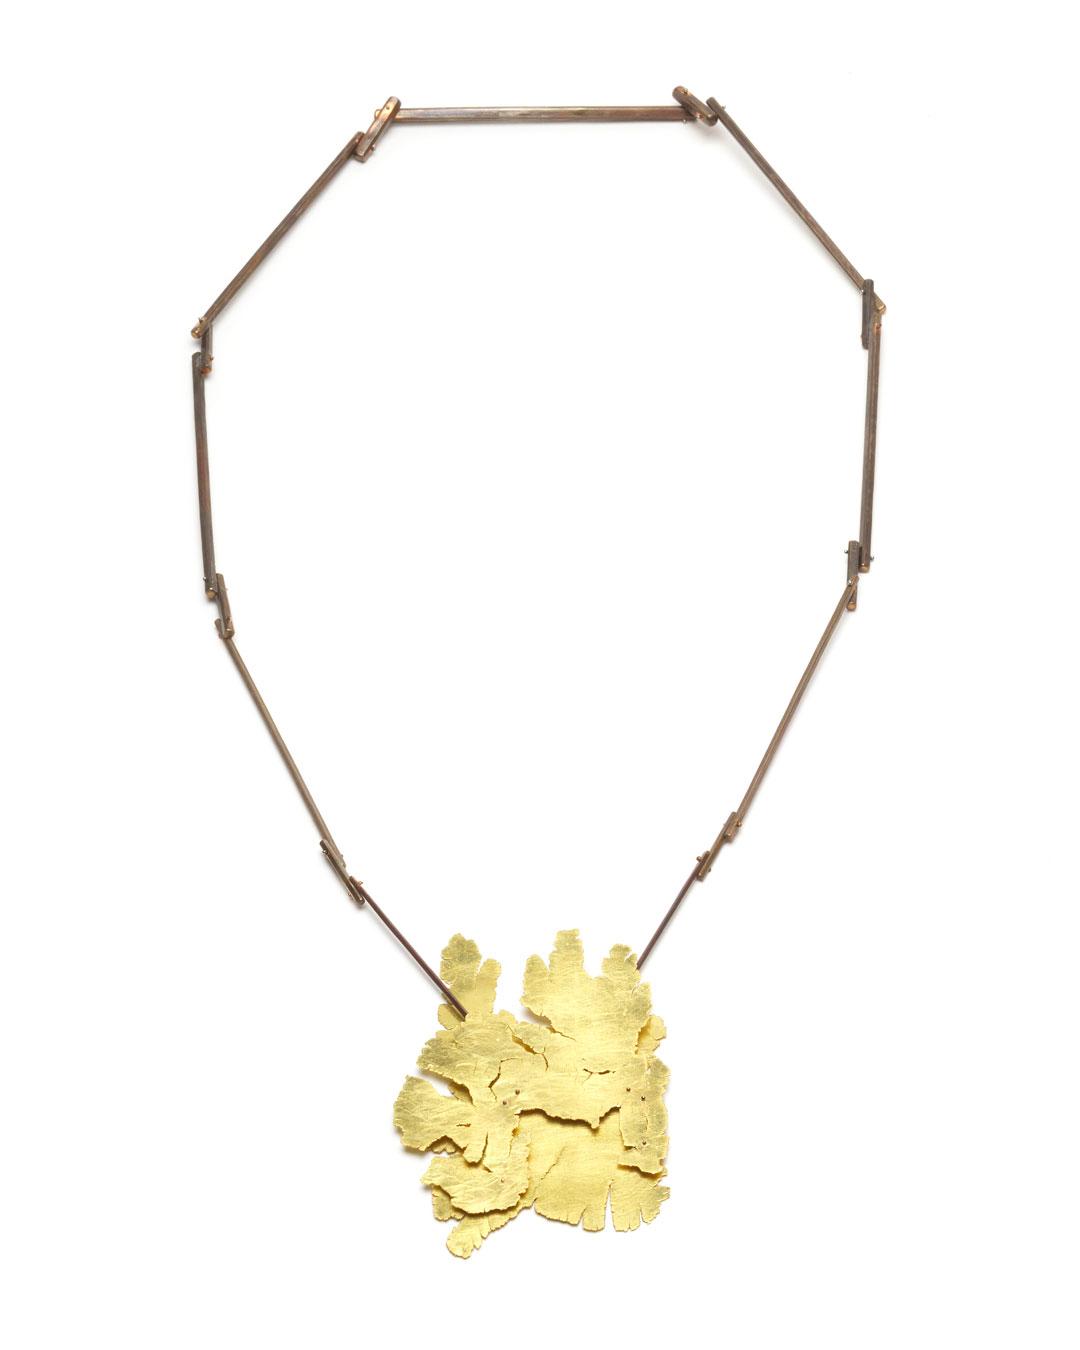 Stefano Marchetti, untitled, 2018, pendant; gold, shibuichi, 430 x 180 x 18 mm, price on request